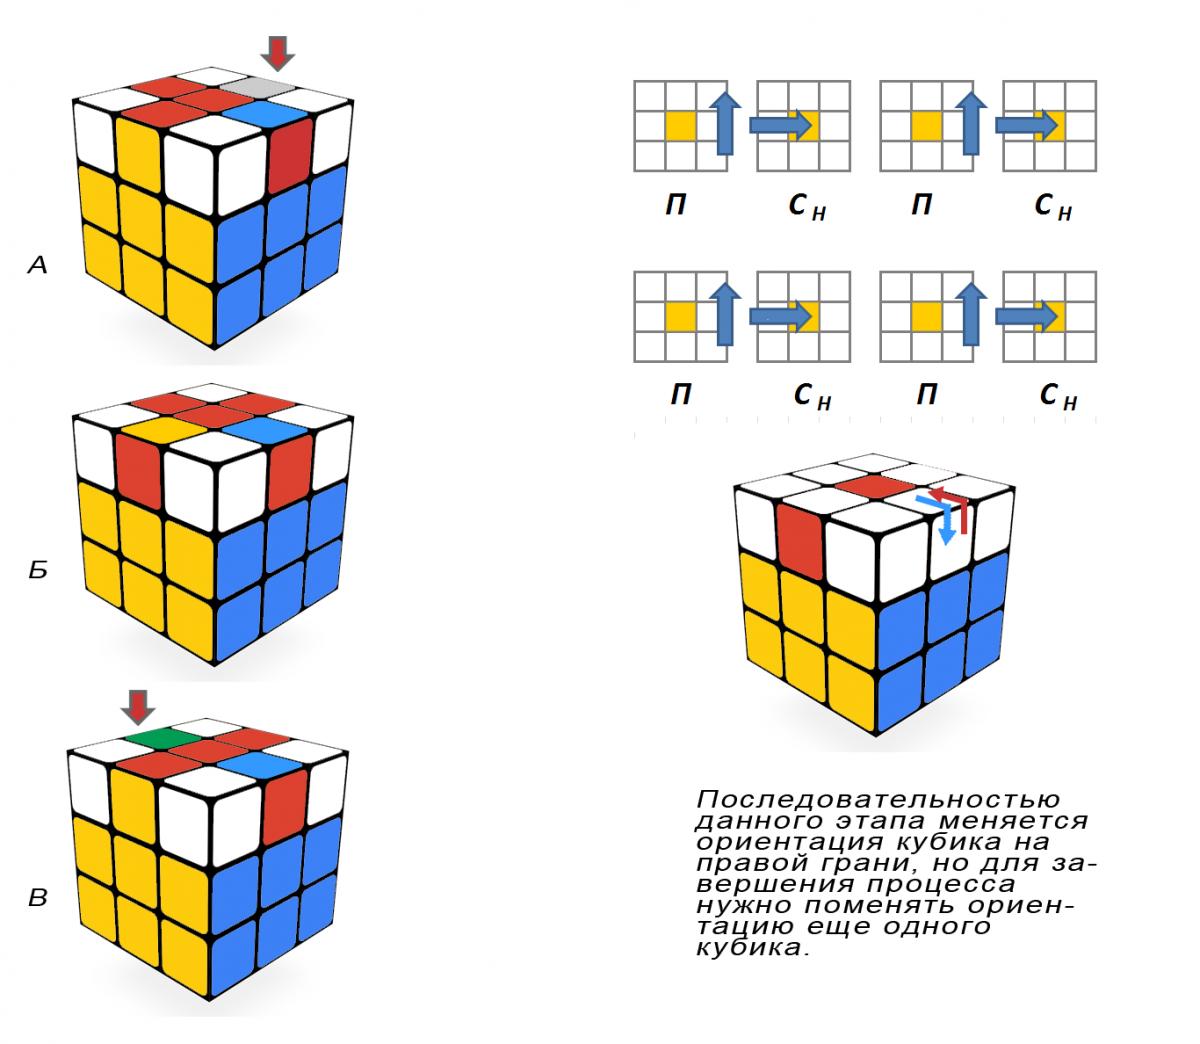 весьма секрет кубика рубика в картинках омывает структуры мозга